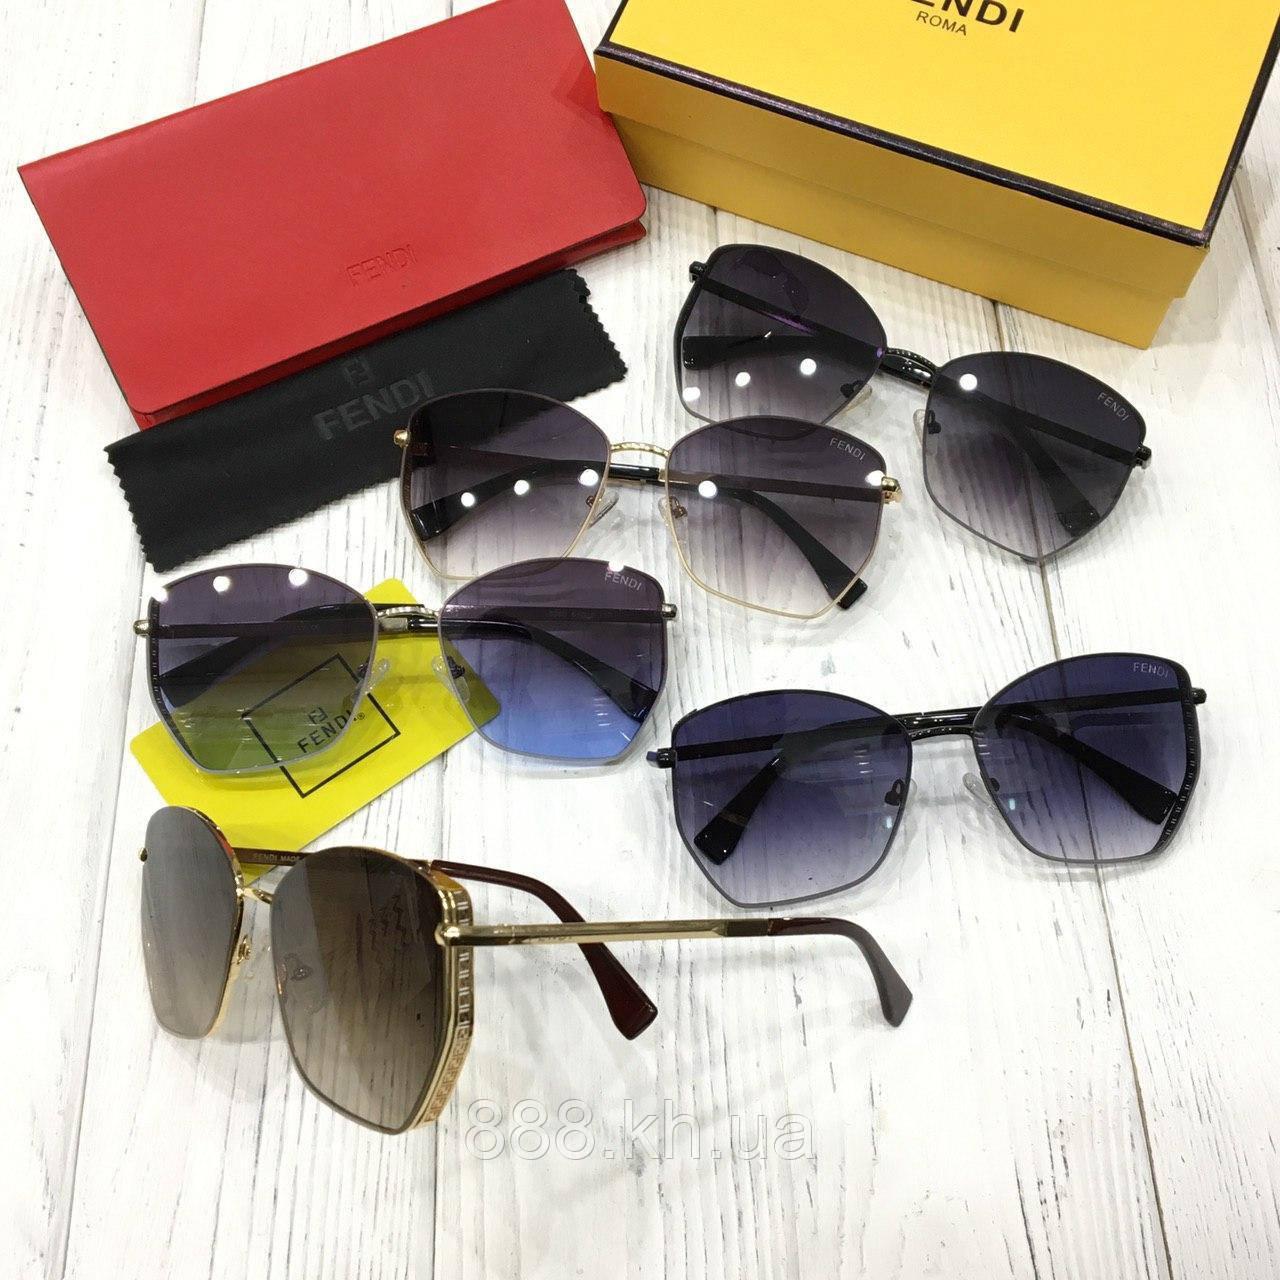 Стильные солнцезащитные очки капельки FENDI